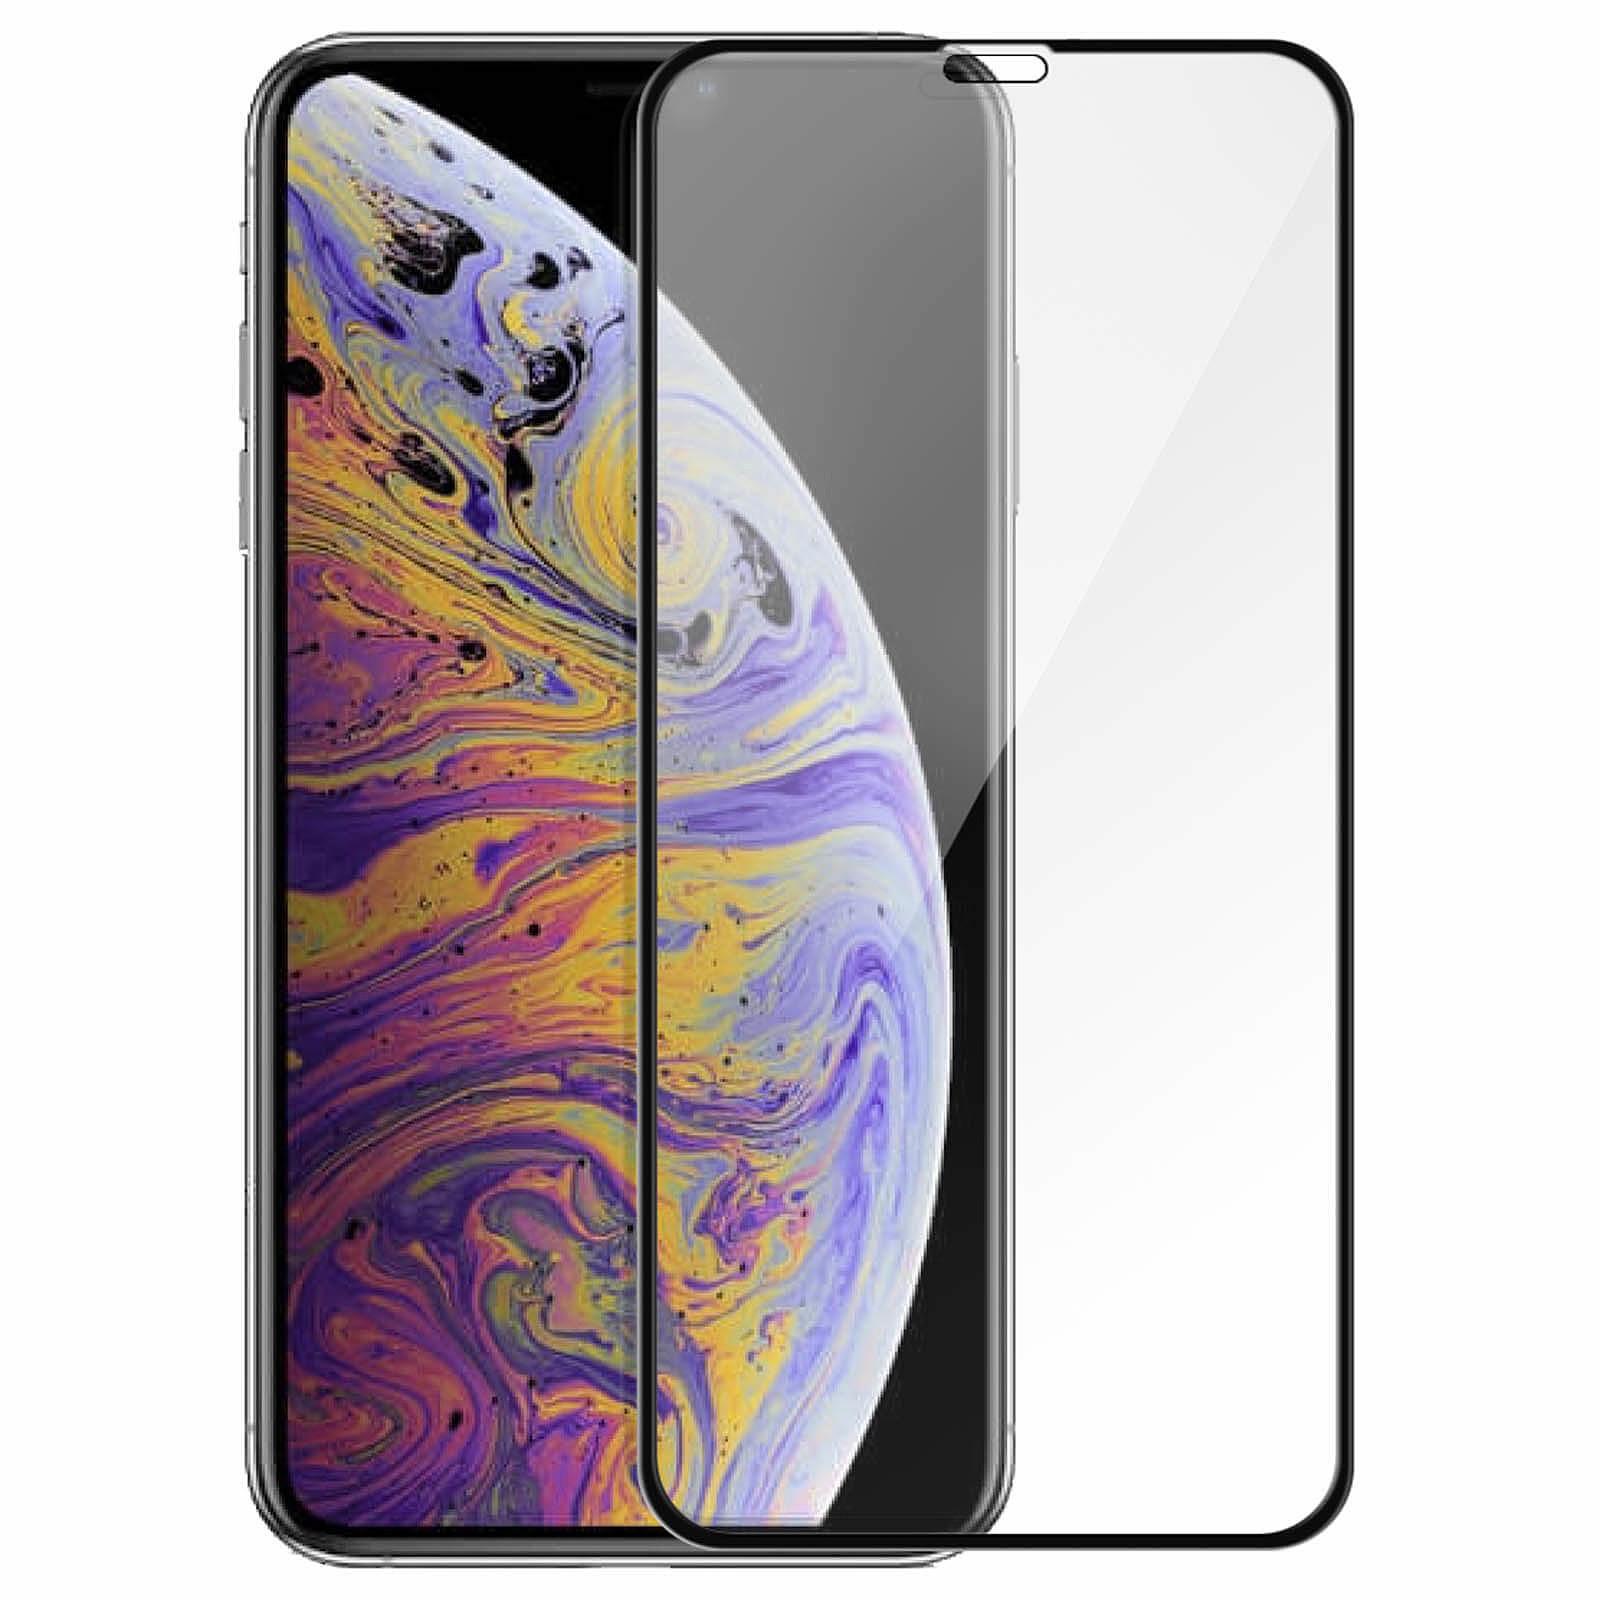 Avizar Film verre trempé Noir pour Apple iPhone XS Max, Apple iPhone 11 Pro Max